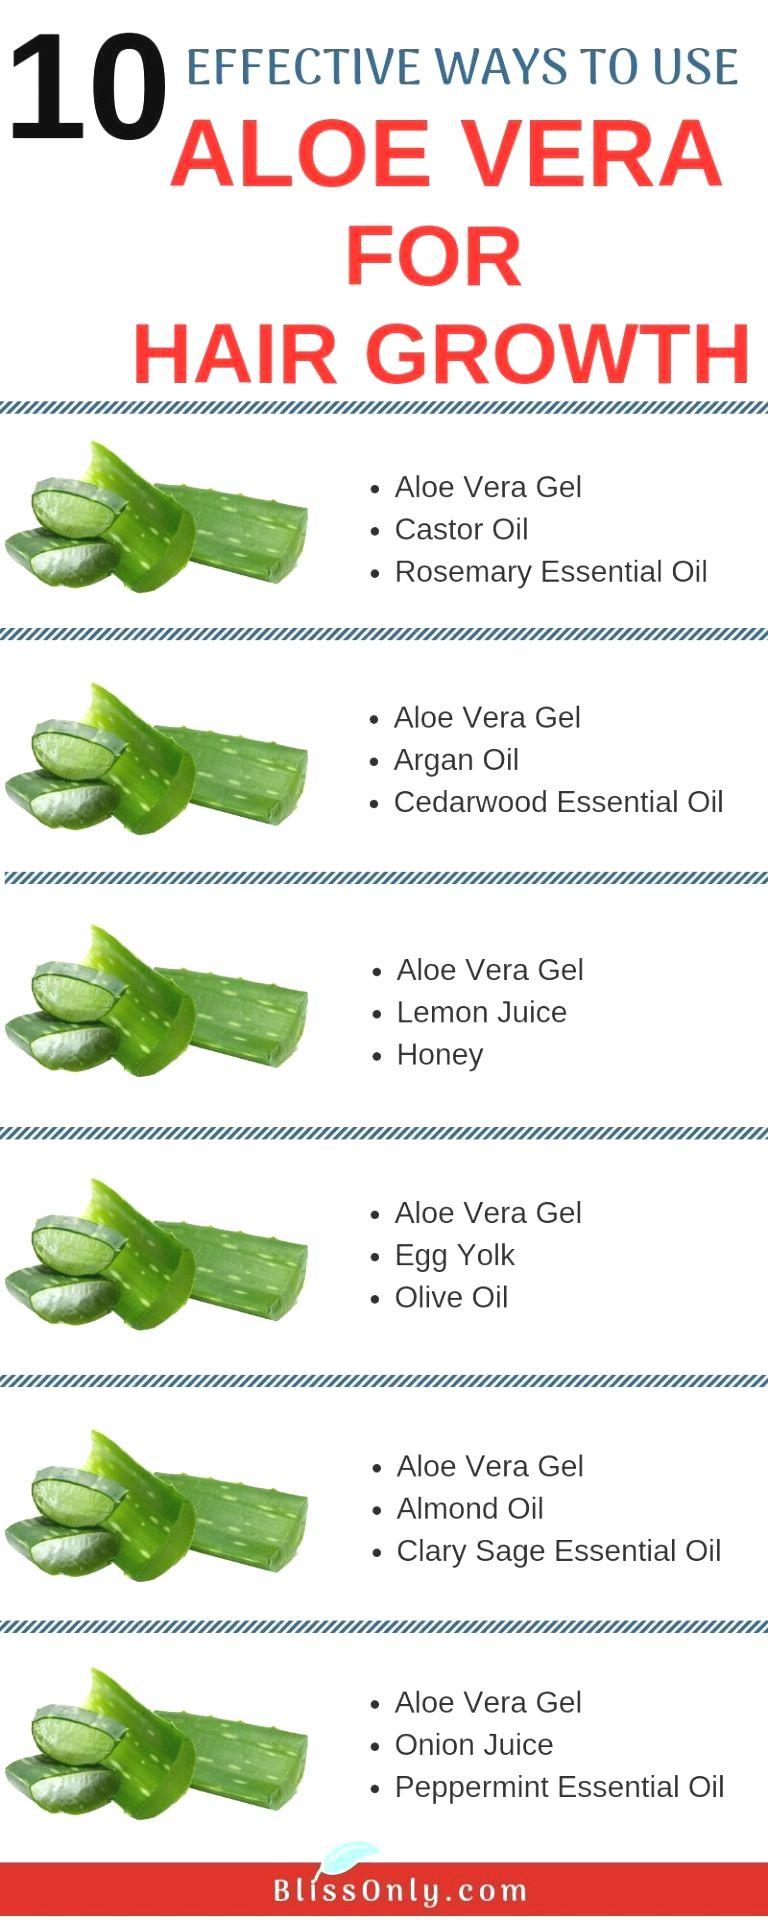 Aloe Vera Hair Oil Preparation In Tamil Aloe Vera For Hair Aloe Vera Hair Mask Regrow Hair Naturally